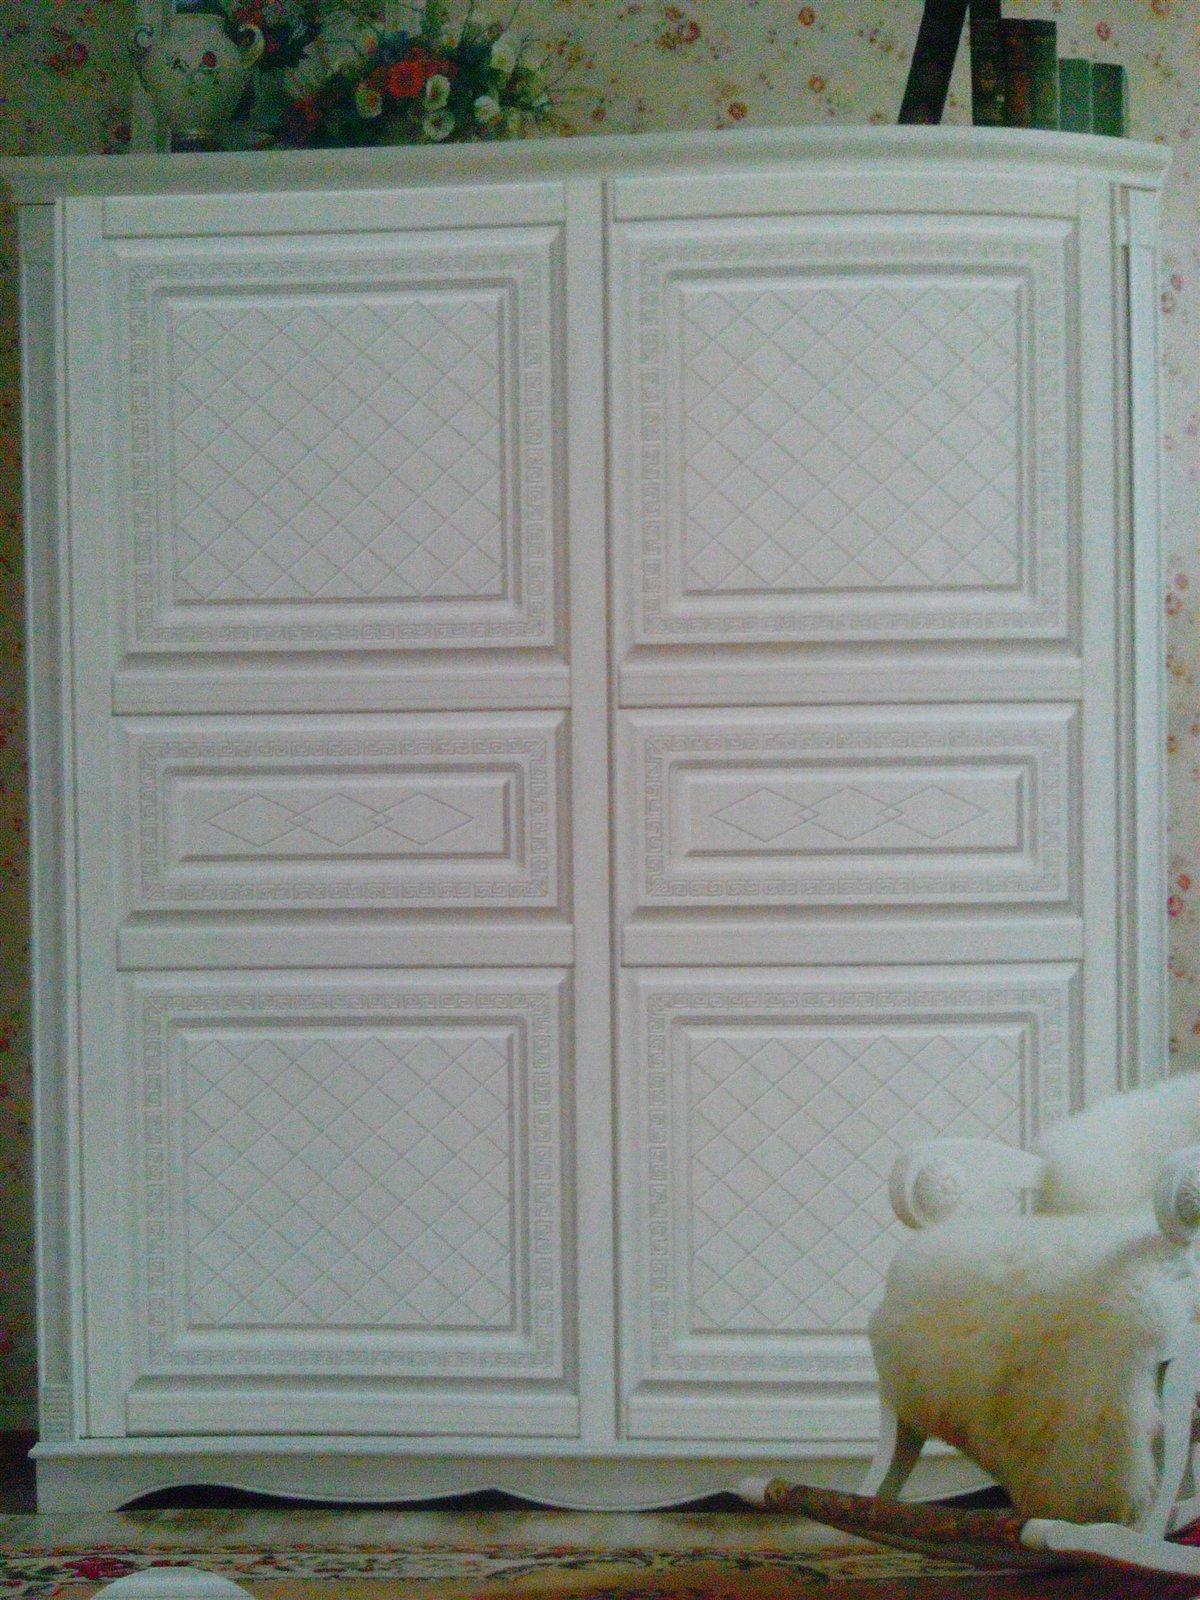 吸塑雕刻衣柜门